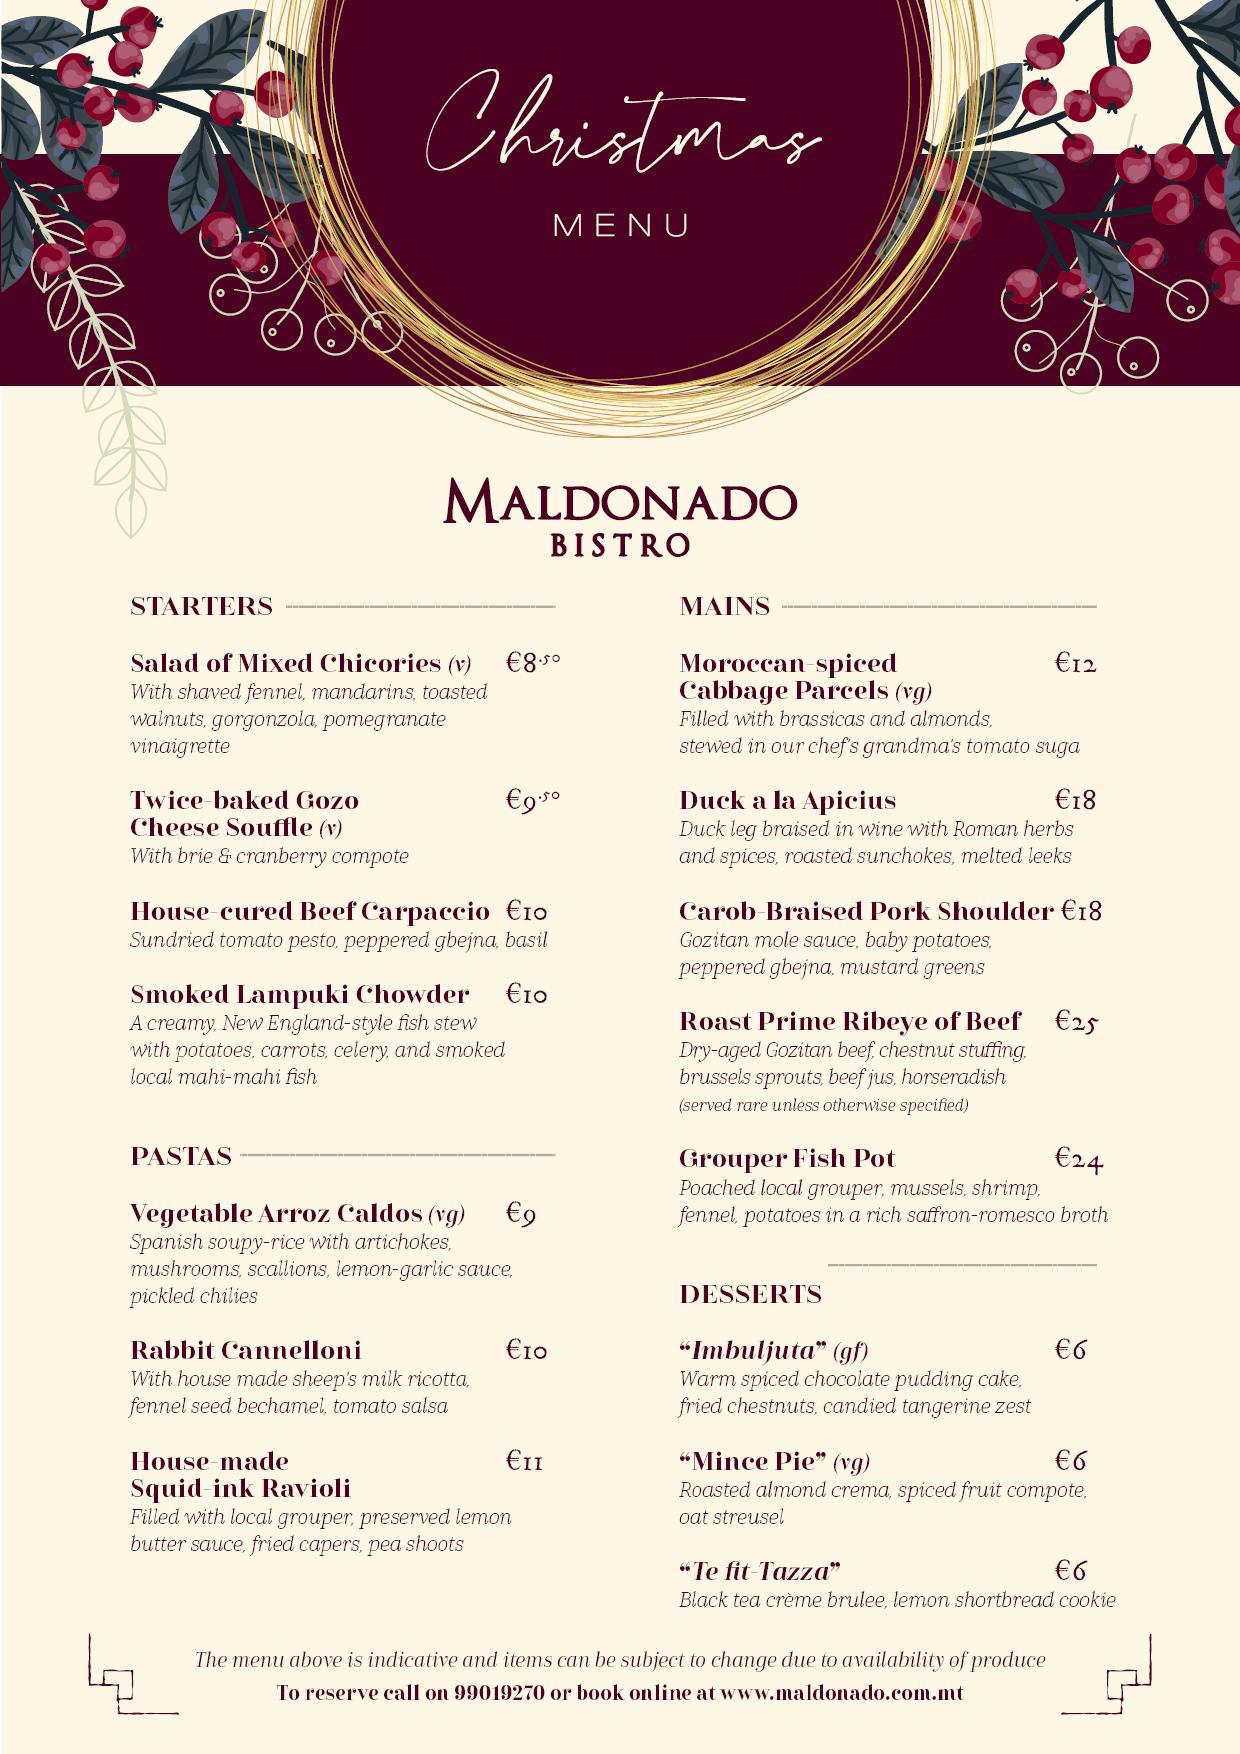 2019 Christmas Menu at Maldonado Bistro